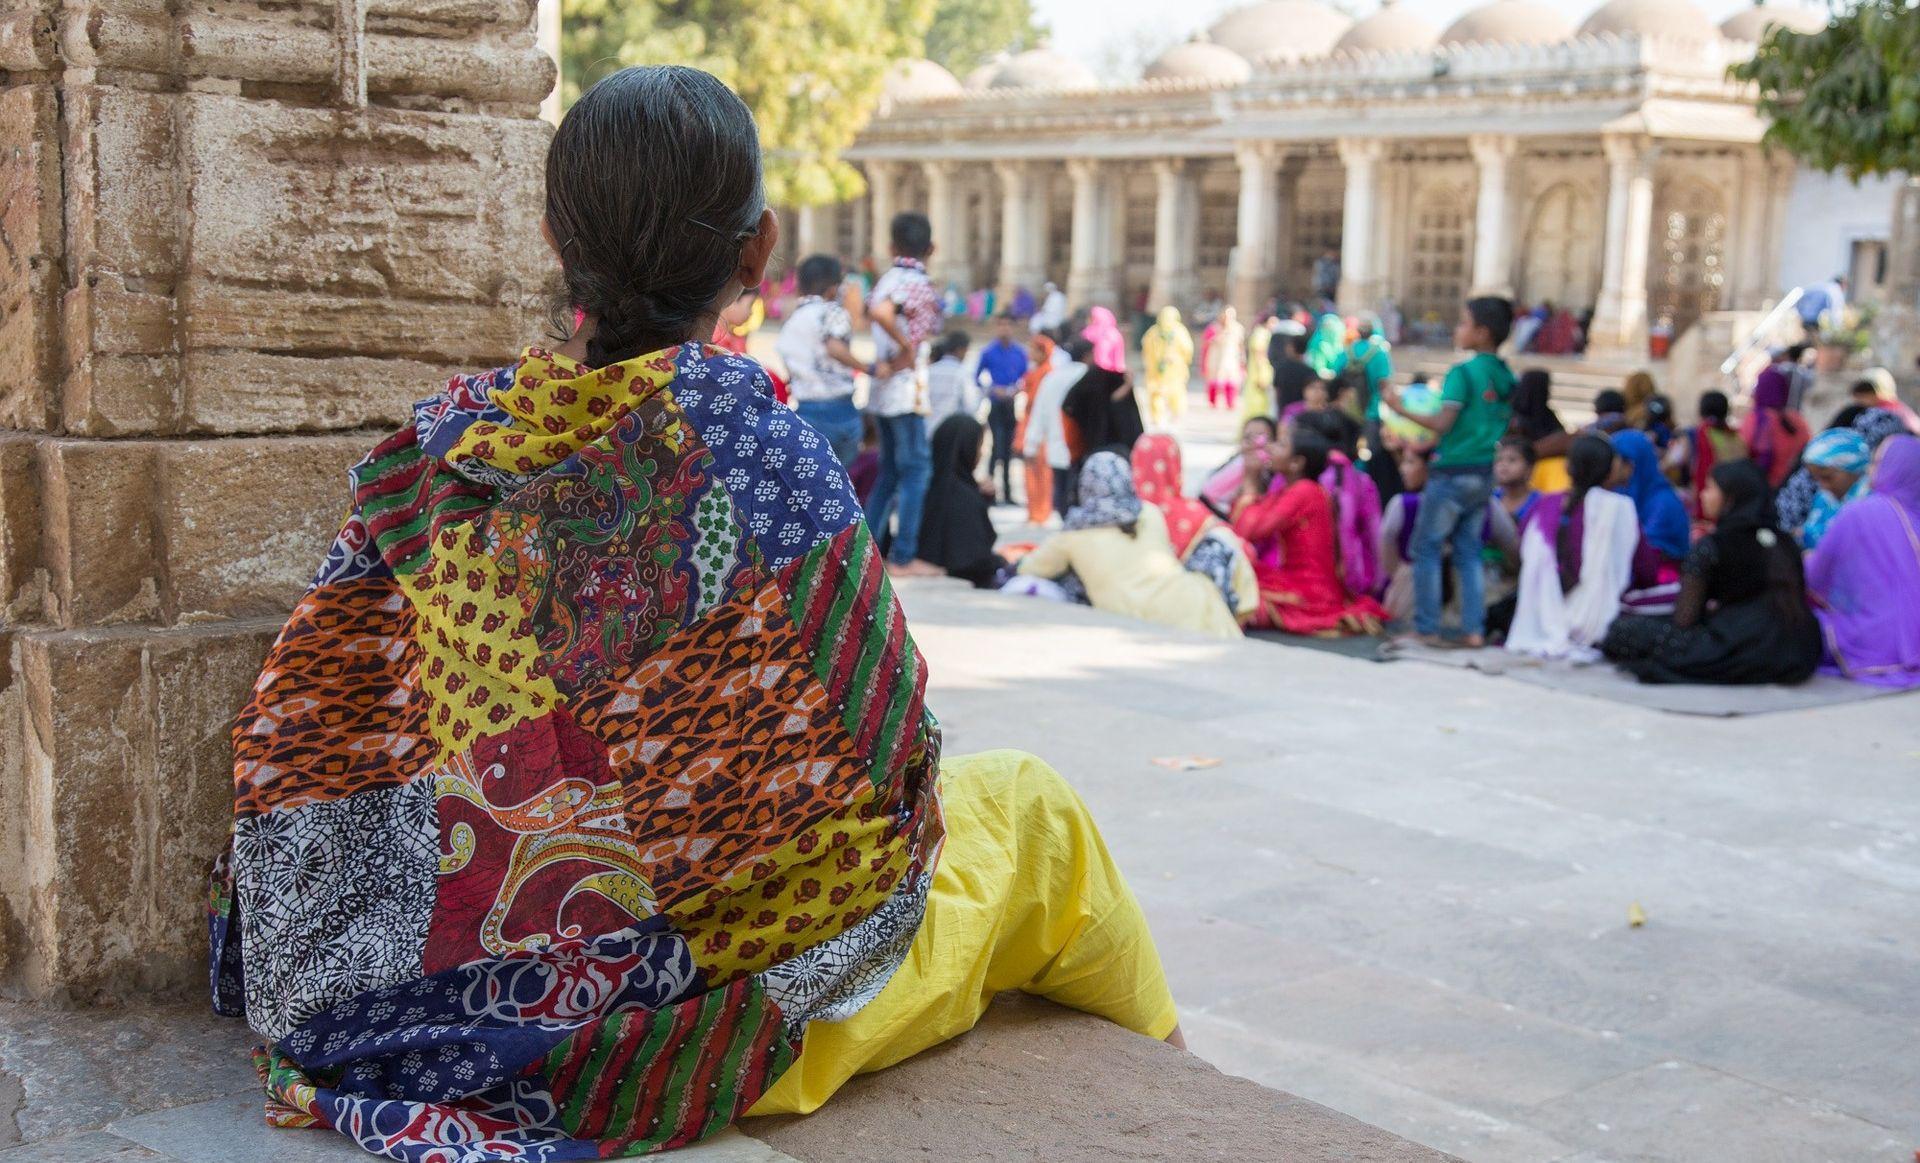 INDIJA Srušio se zid na vjenčanju, najmanje 22 osobe smrtno stradale